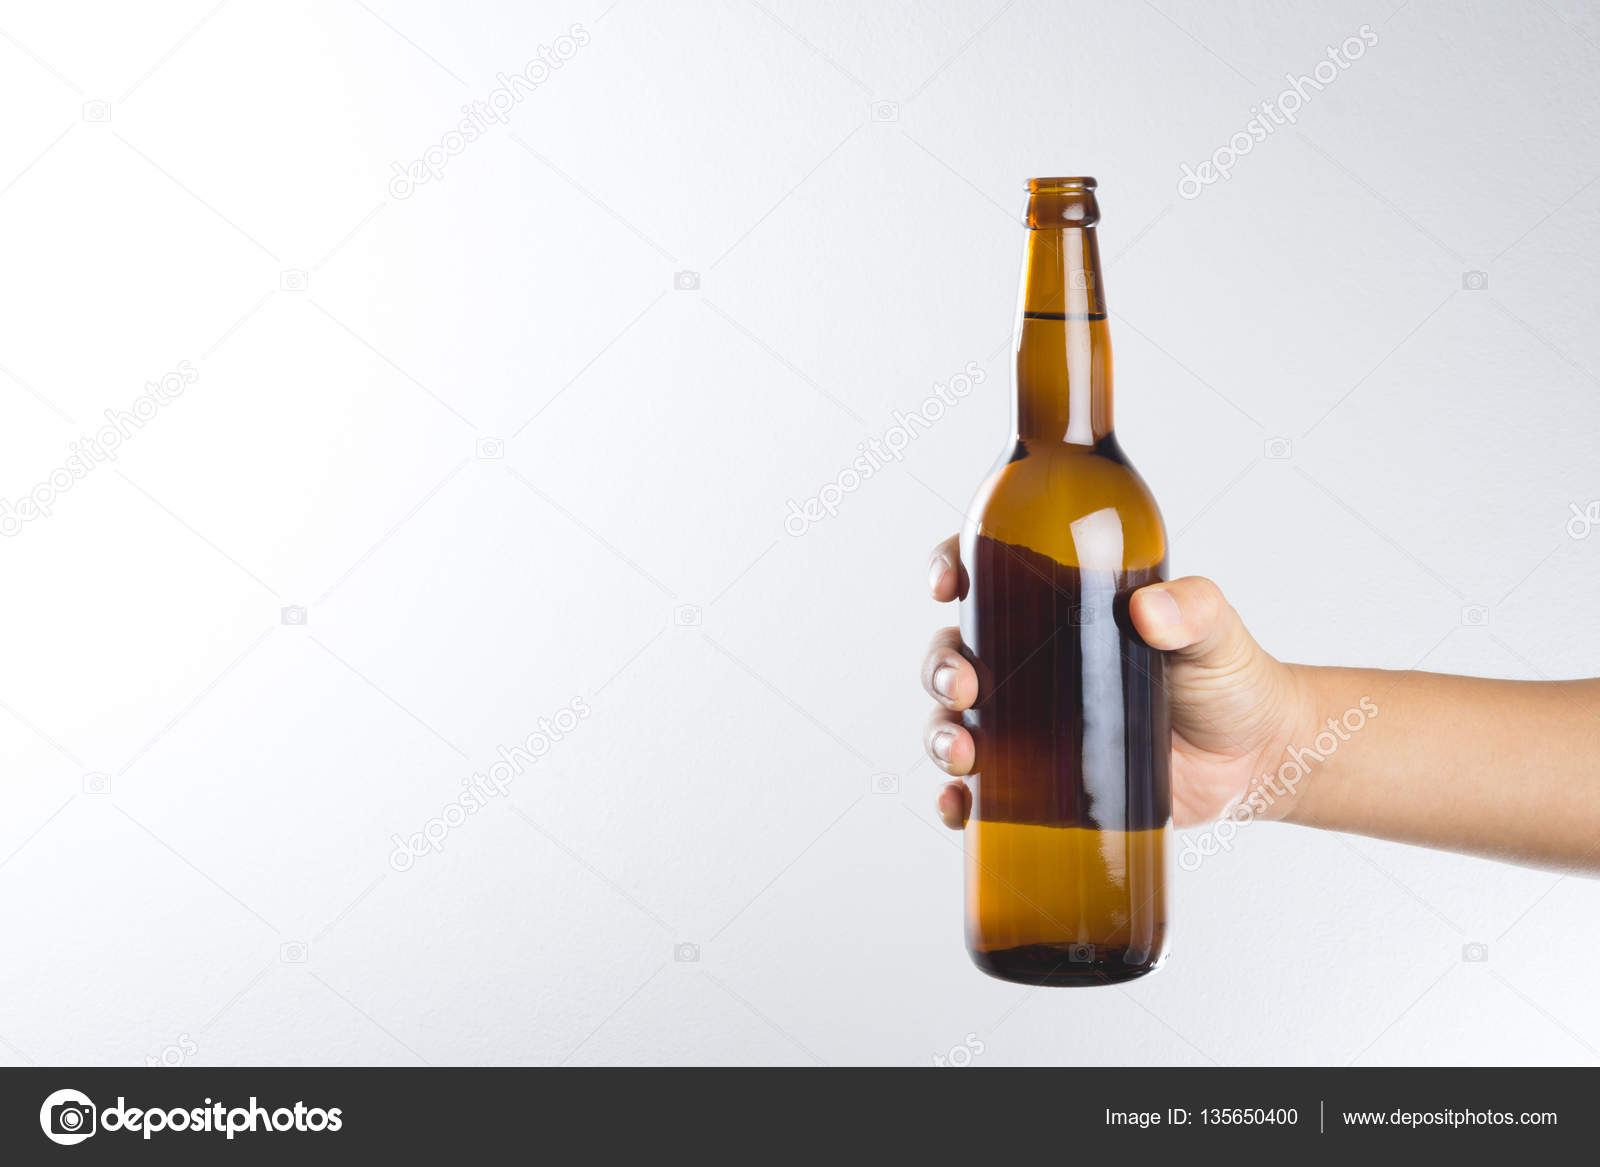 Фото с бутылкой пива в руке на фоне